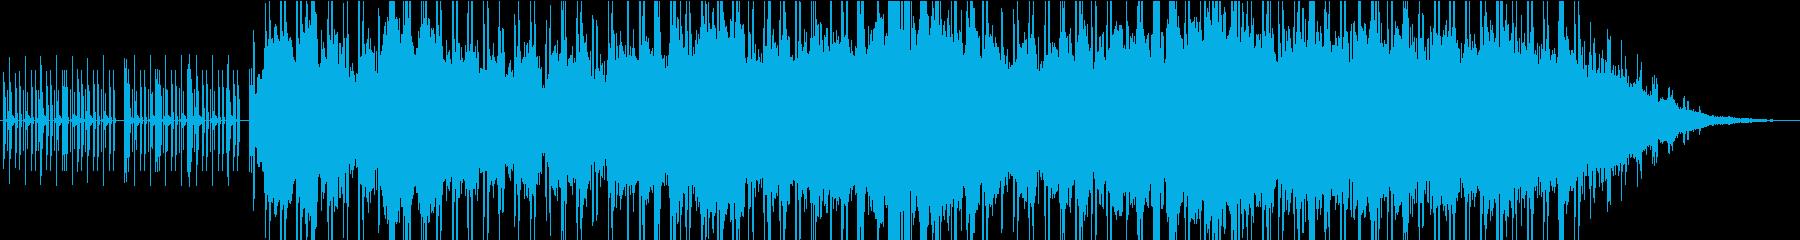 静かなエレクトロニカの再生済みの波形